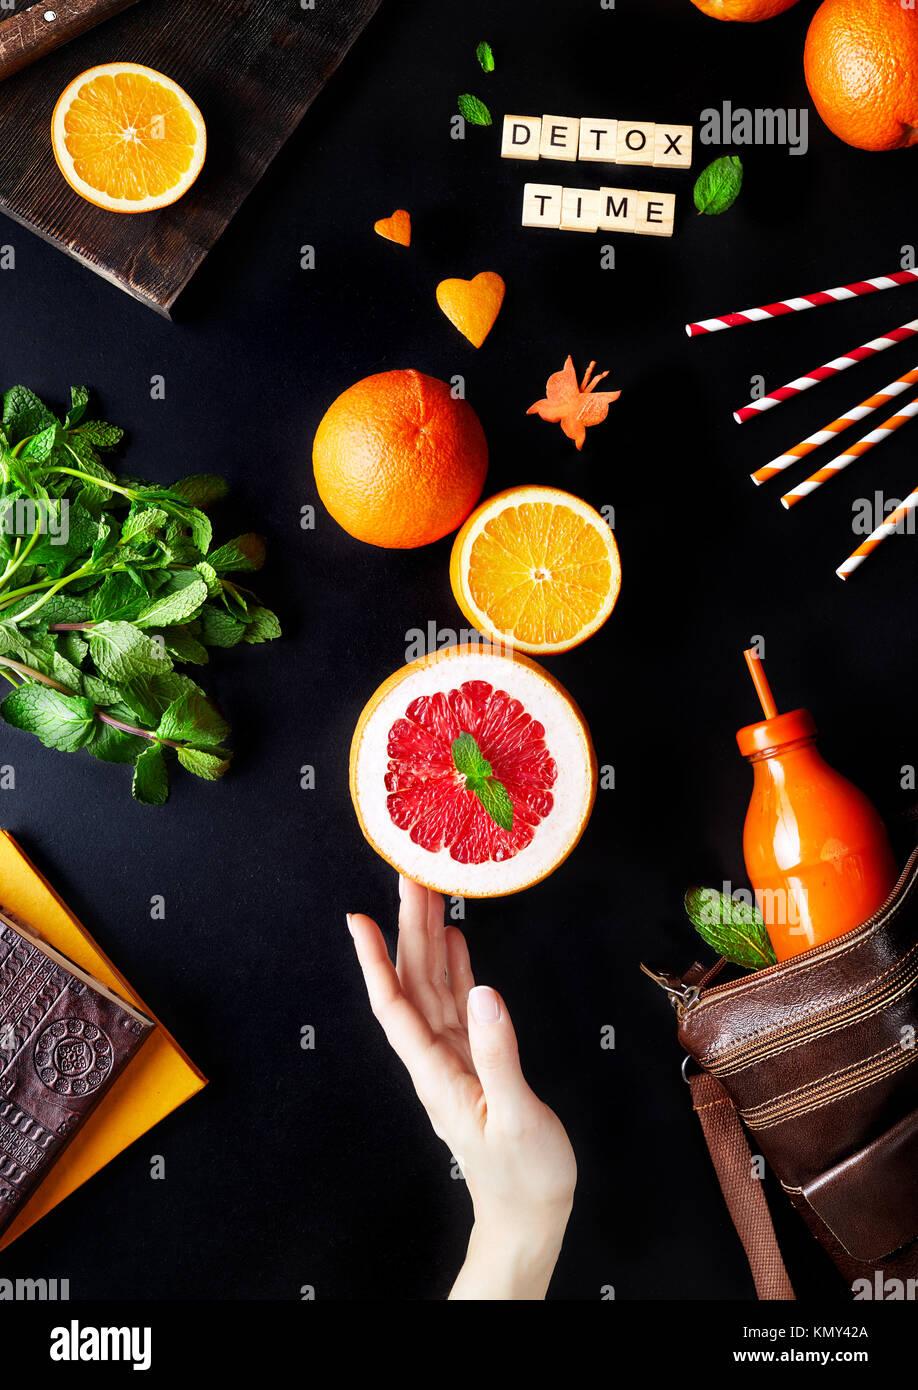 Detox freschi succhi di frutta da agrumi su sfondo nero flay lay Immagini Stock